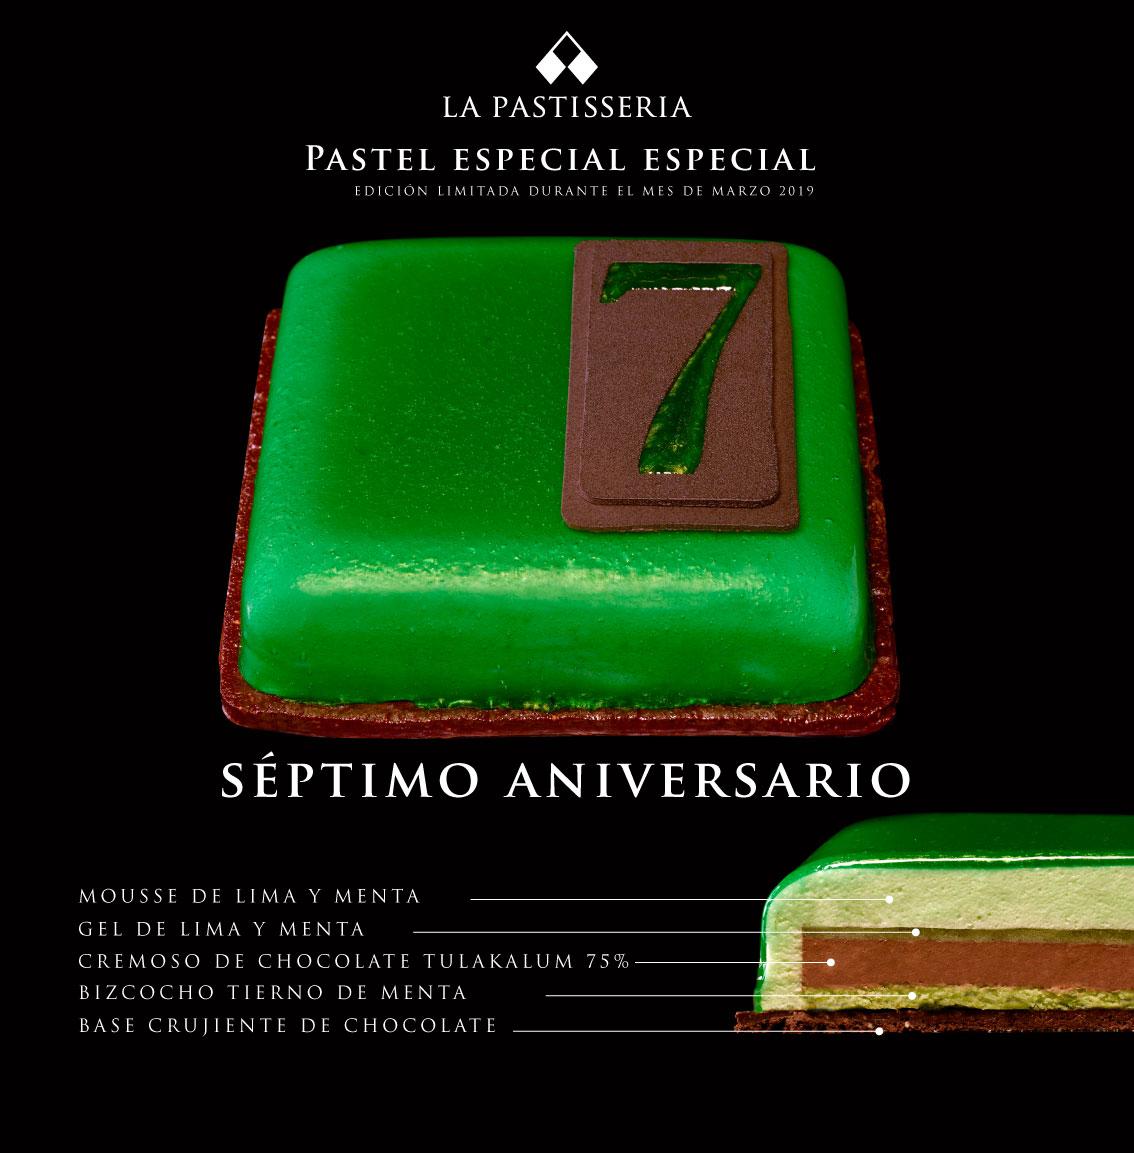 Pastel Especial Séptimo Aniversario